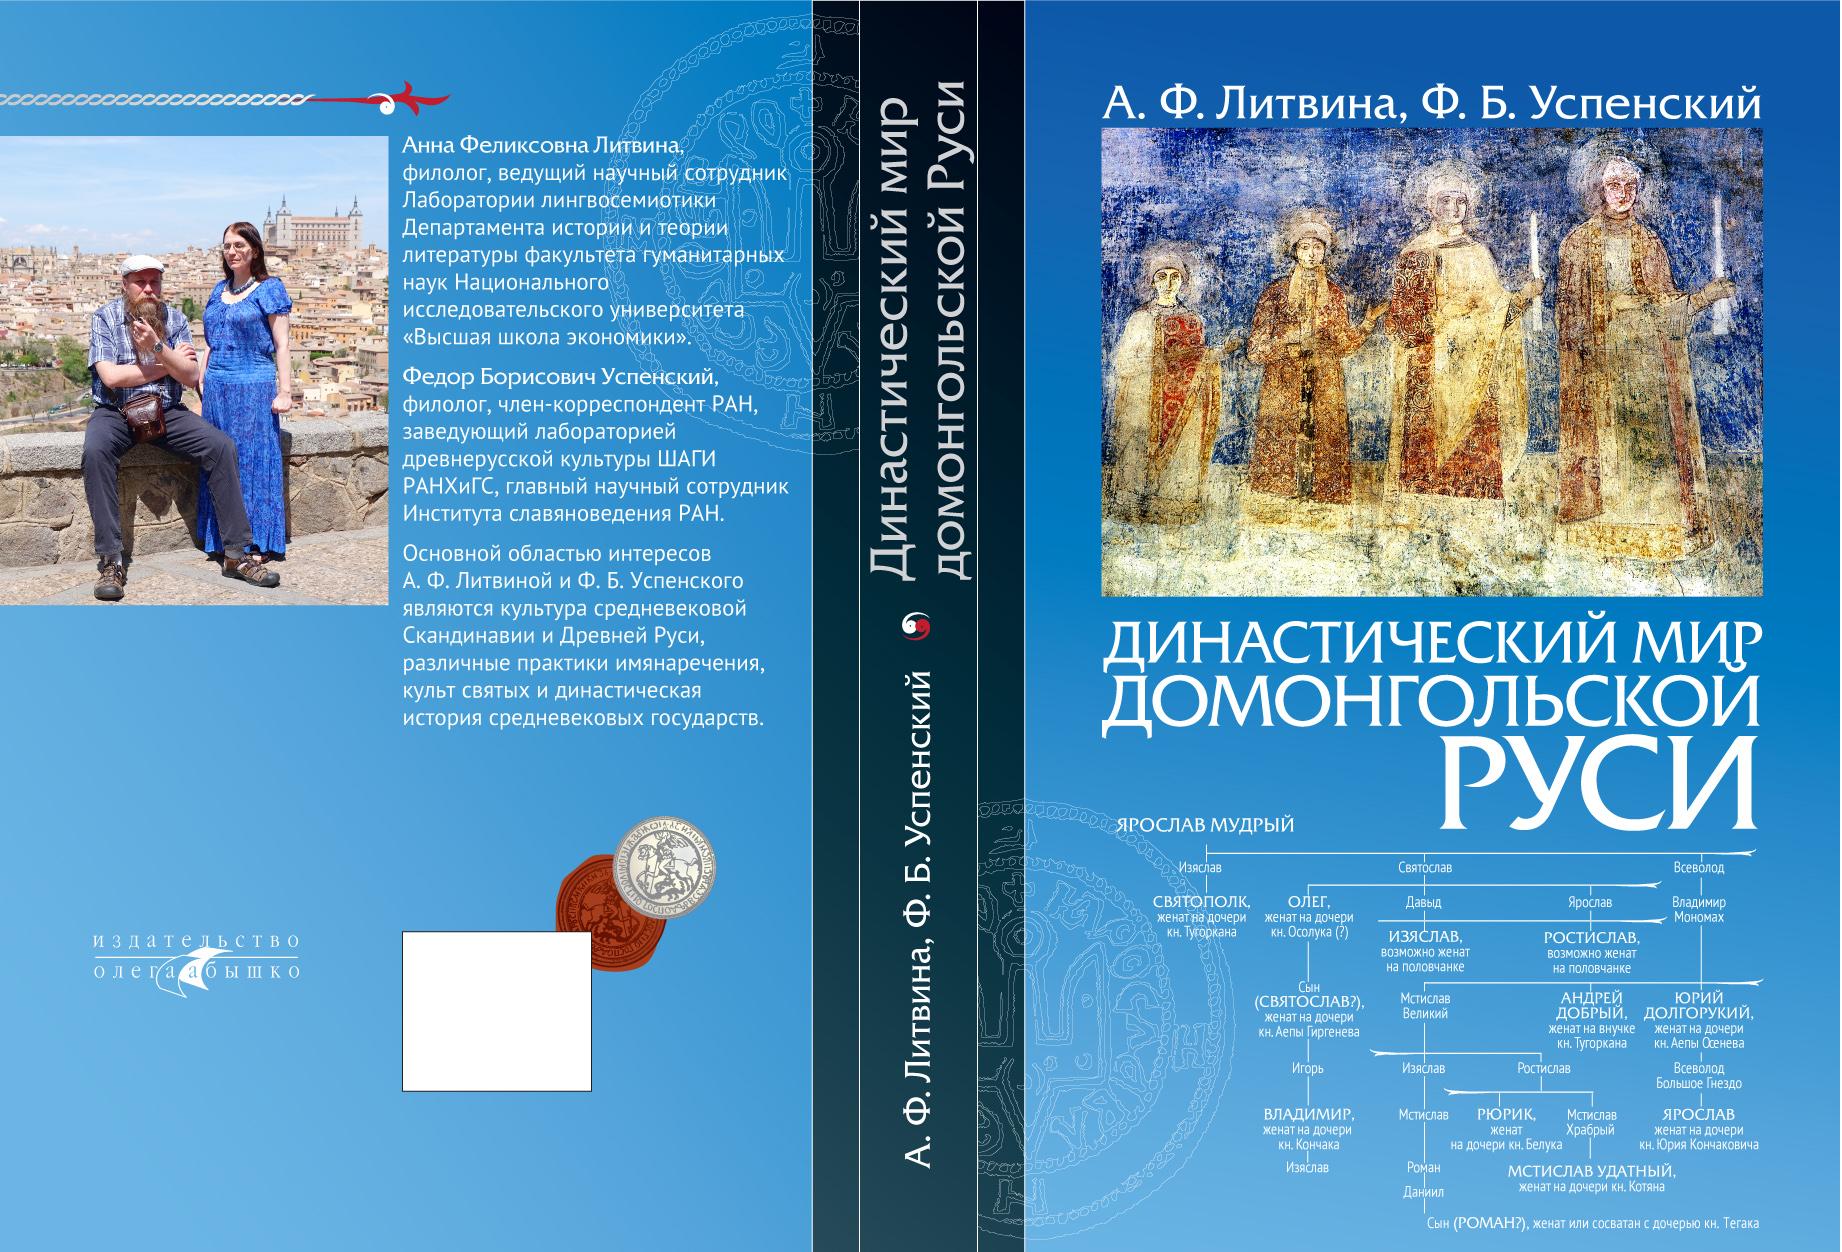 Династический мир домонгольской Руси